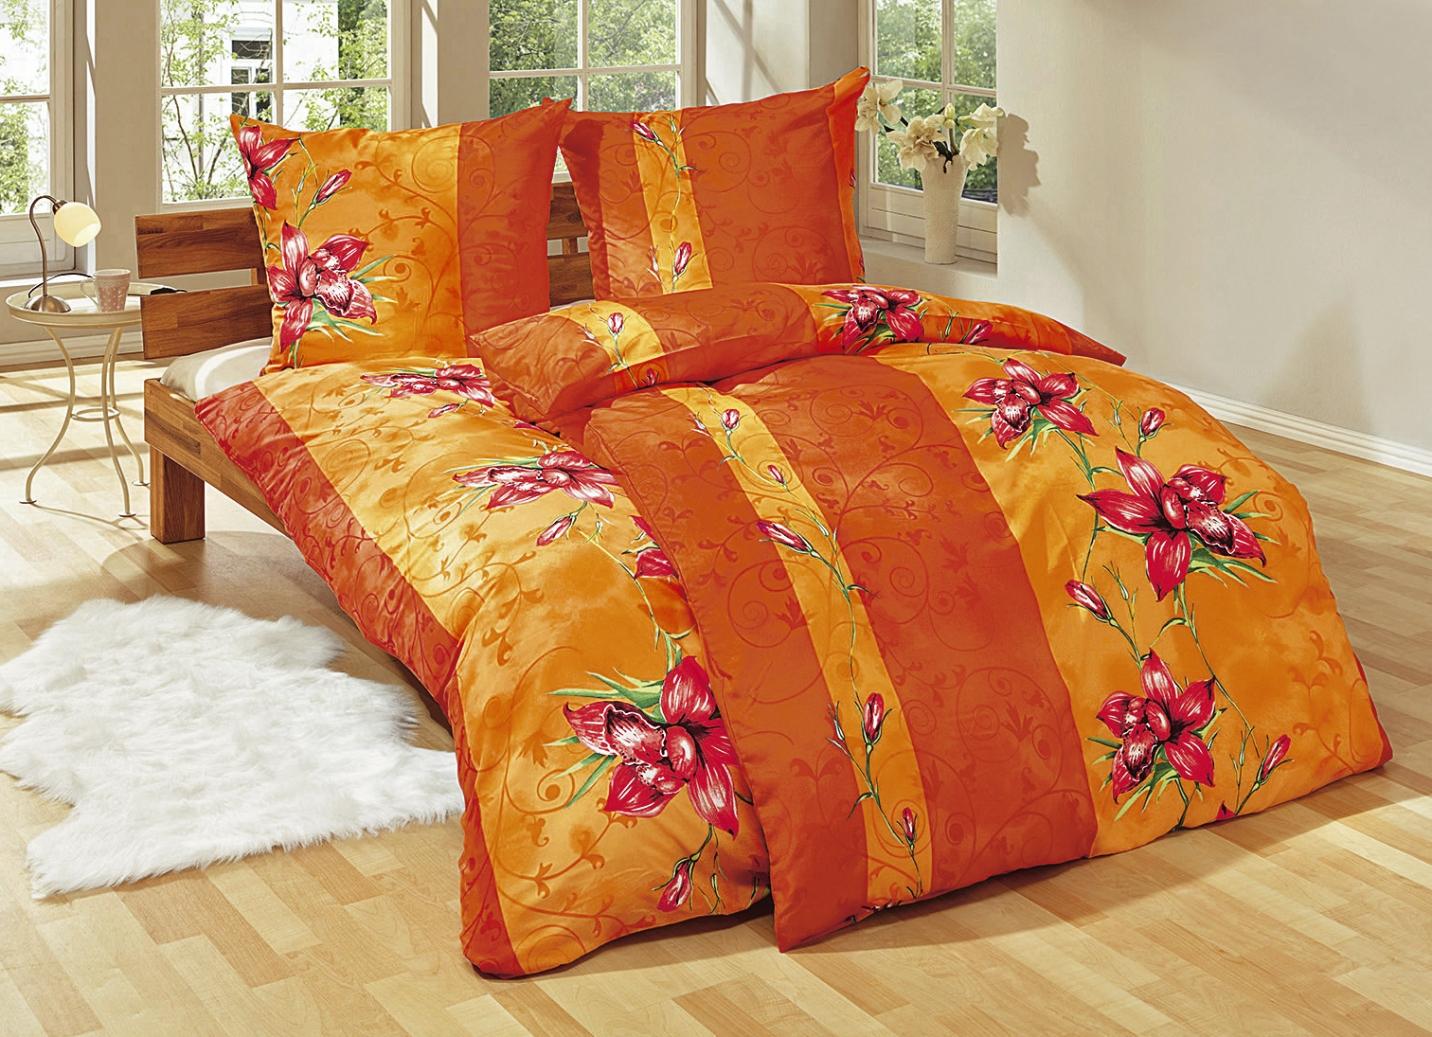 Bettwäsche-Garnitur, 6-teilig, verschiedene Farben - Bettwäsche  BADER